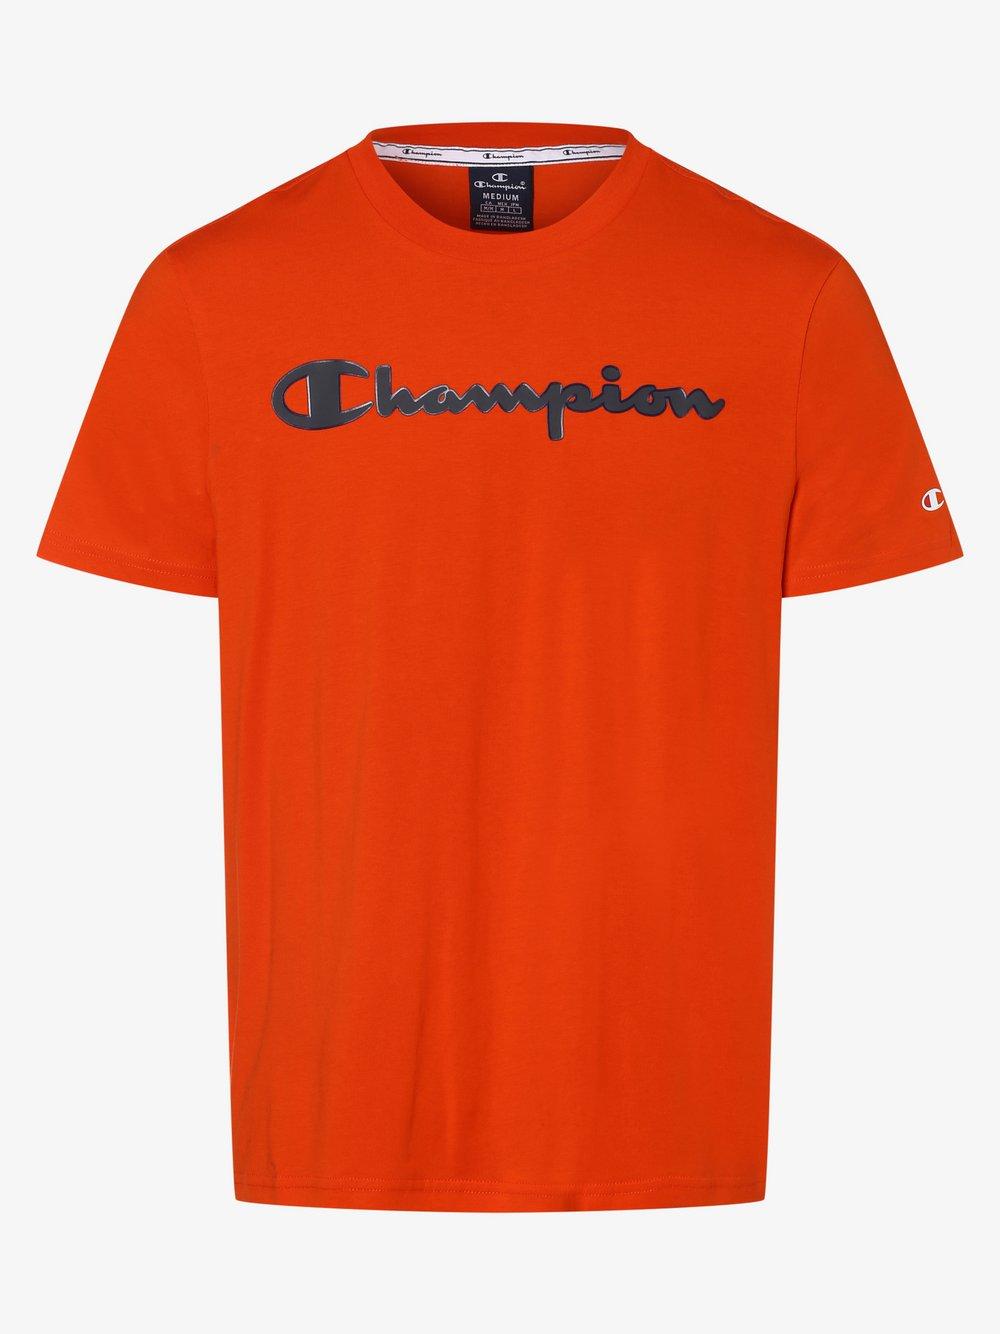 Champion - T-shirt męski, pomarańczowy